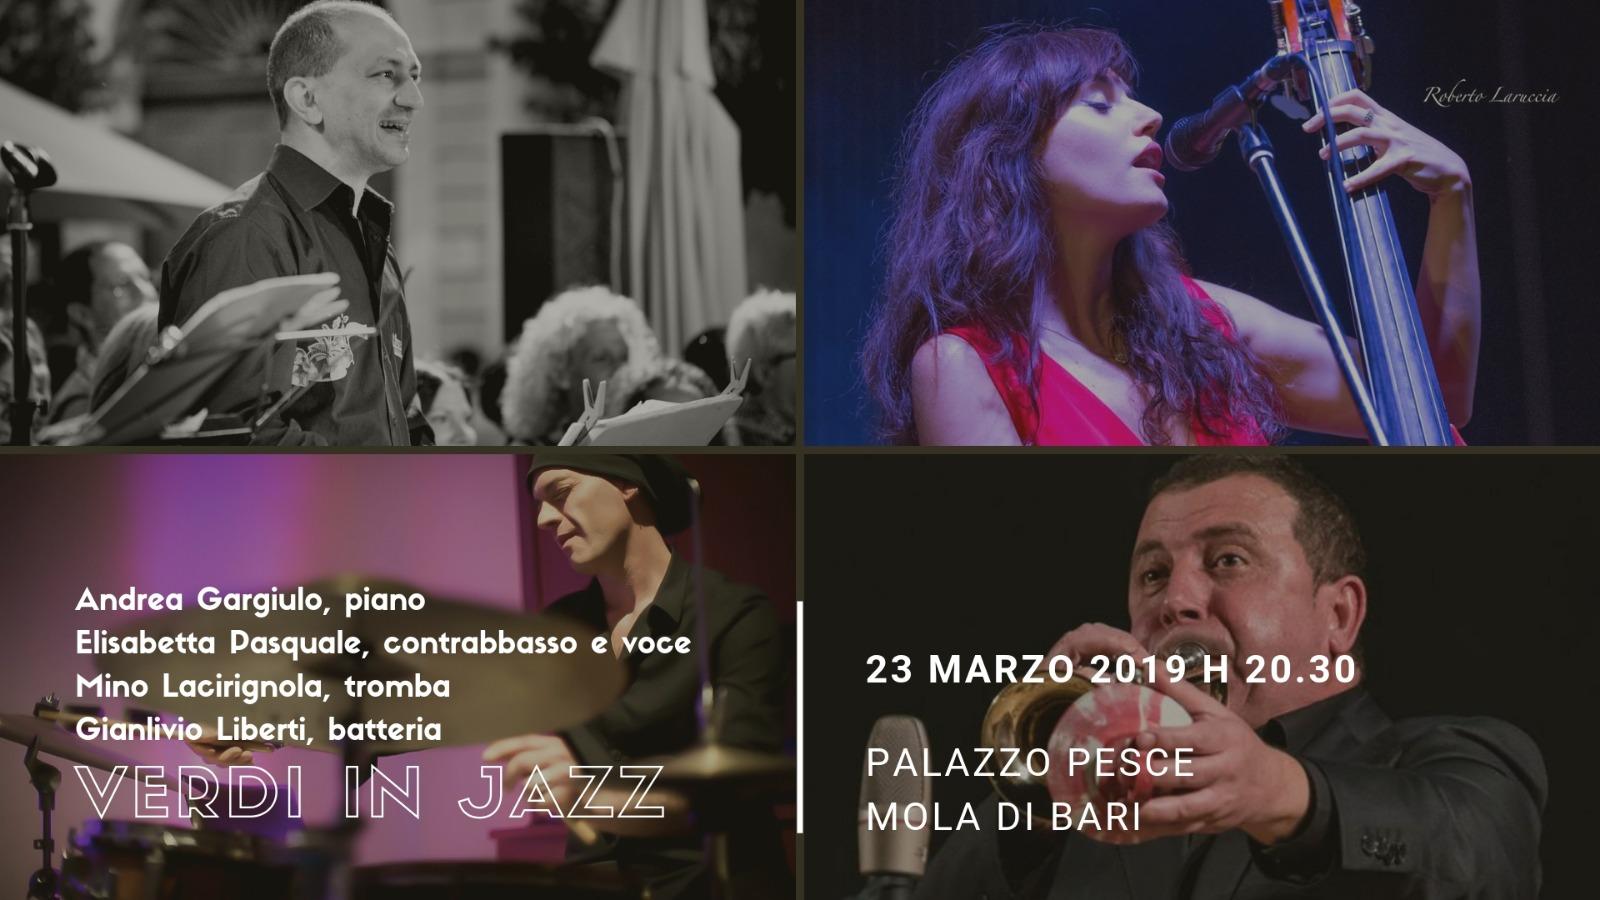 23 marzo 2019 Verdi in Jazz a Palazzo Pesce